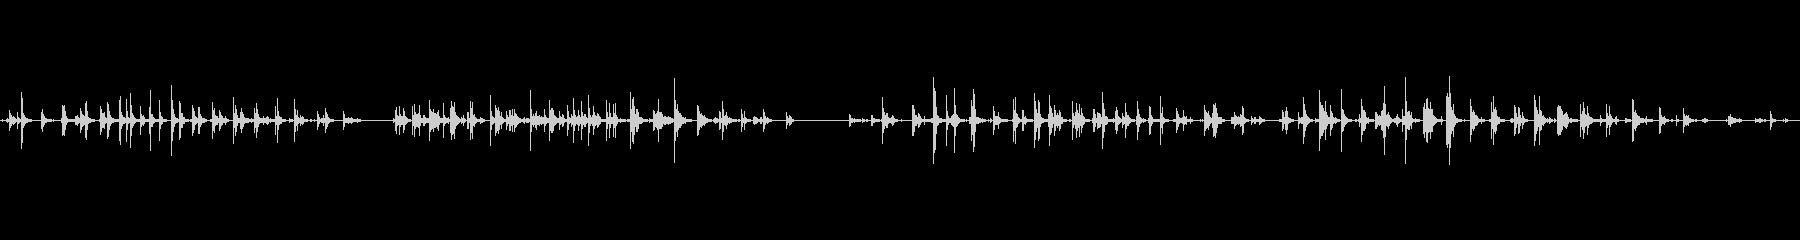 グループ、木製の階段、ステレオ、ス...の未再生の波形